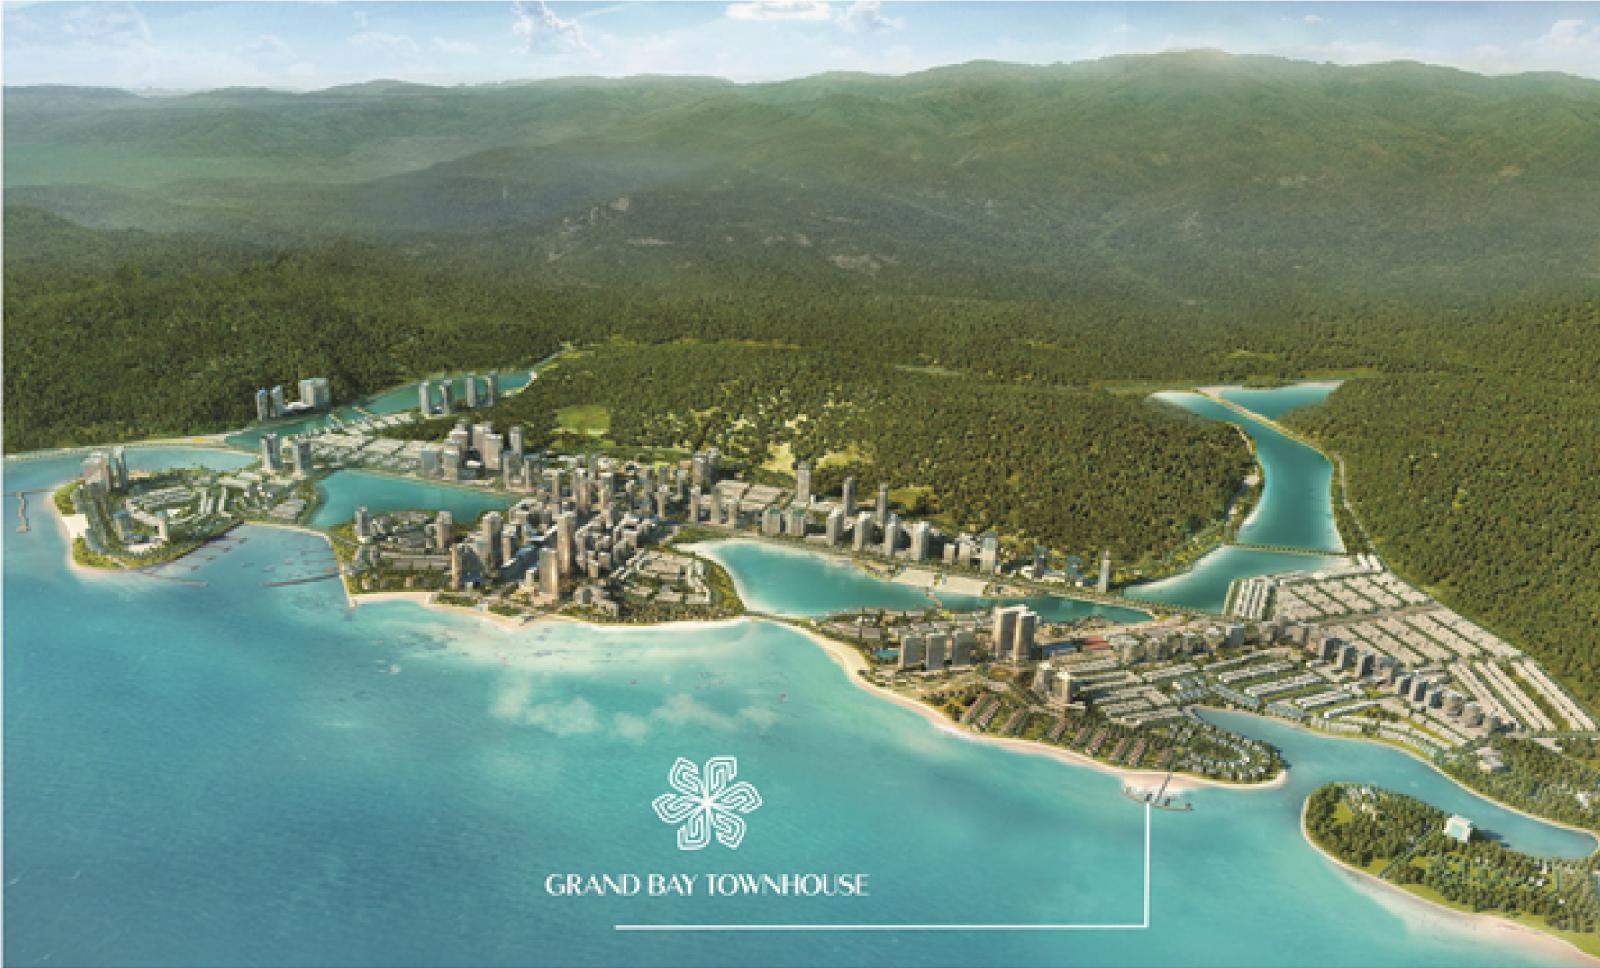 Ảnh phối cảnh một dự án bất động sản nằm ven biển, xung quanh là các mảnh xanh